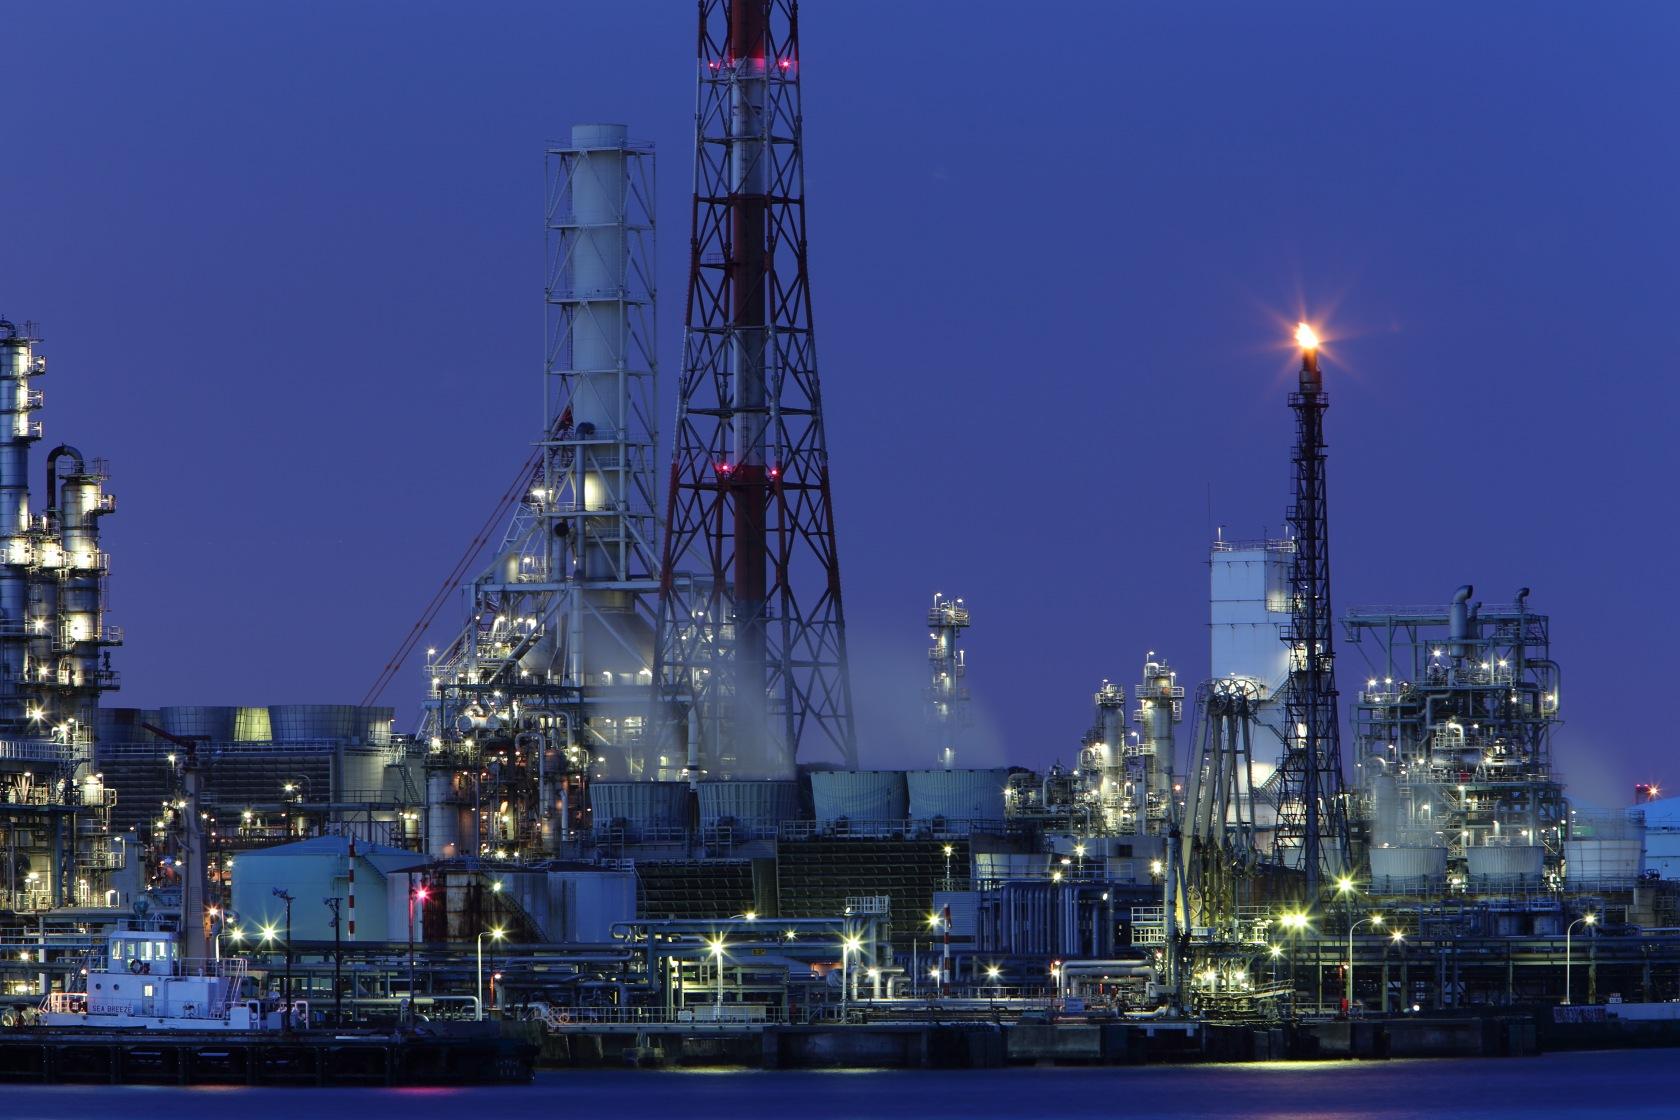 やっぱり、工場夜景が好き。_e0001789_044014.jpg